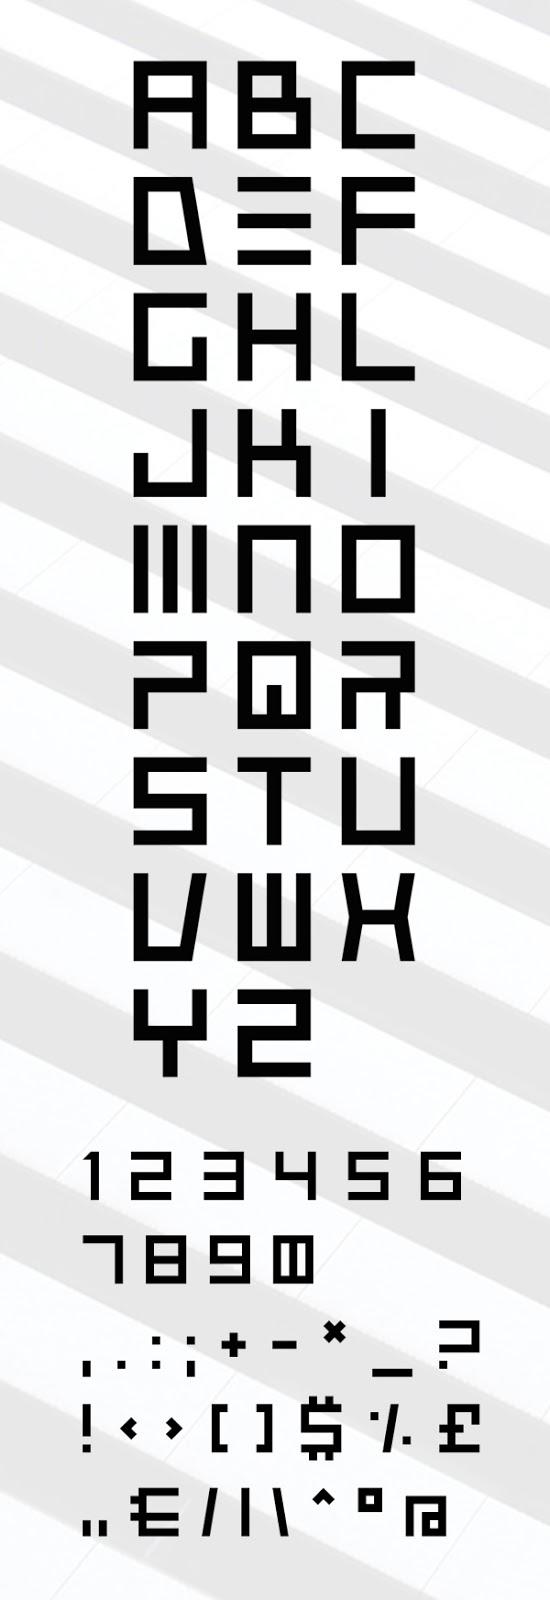 Download Font Terbaru 2018 - Moncr Free Font